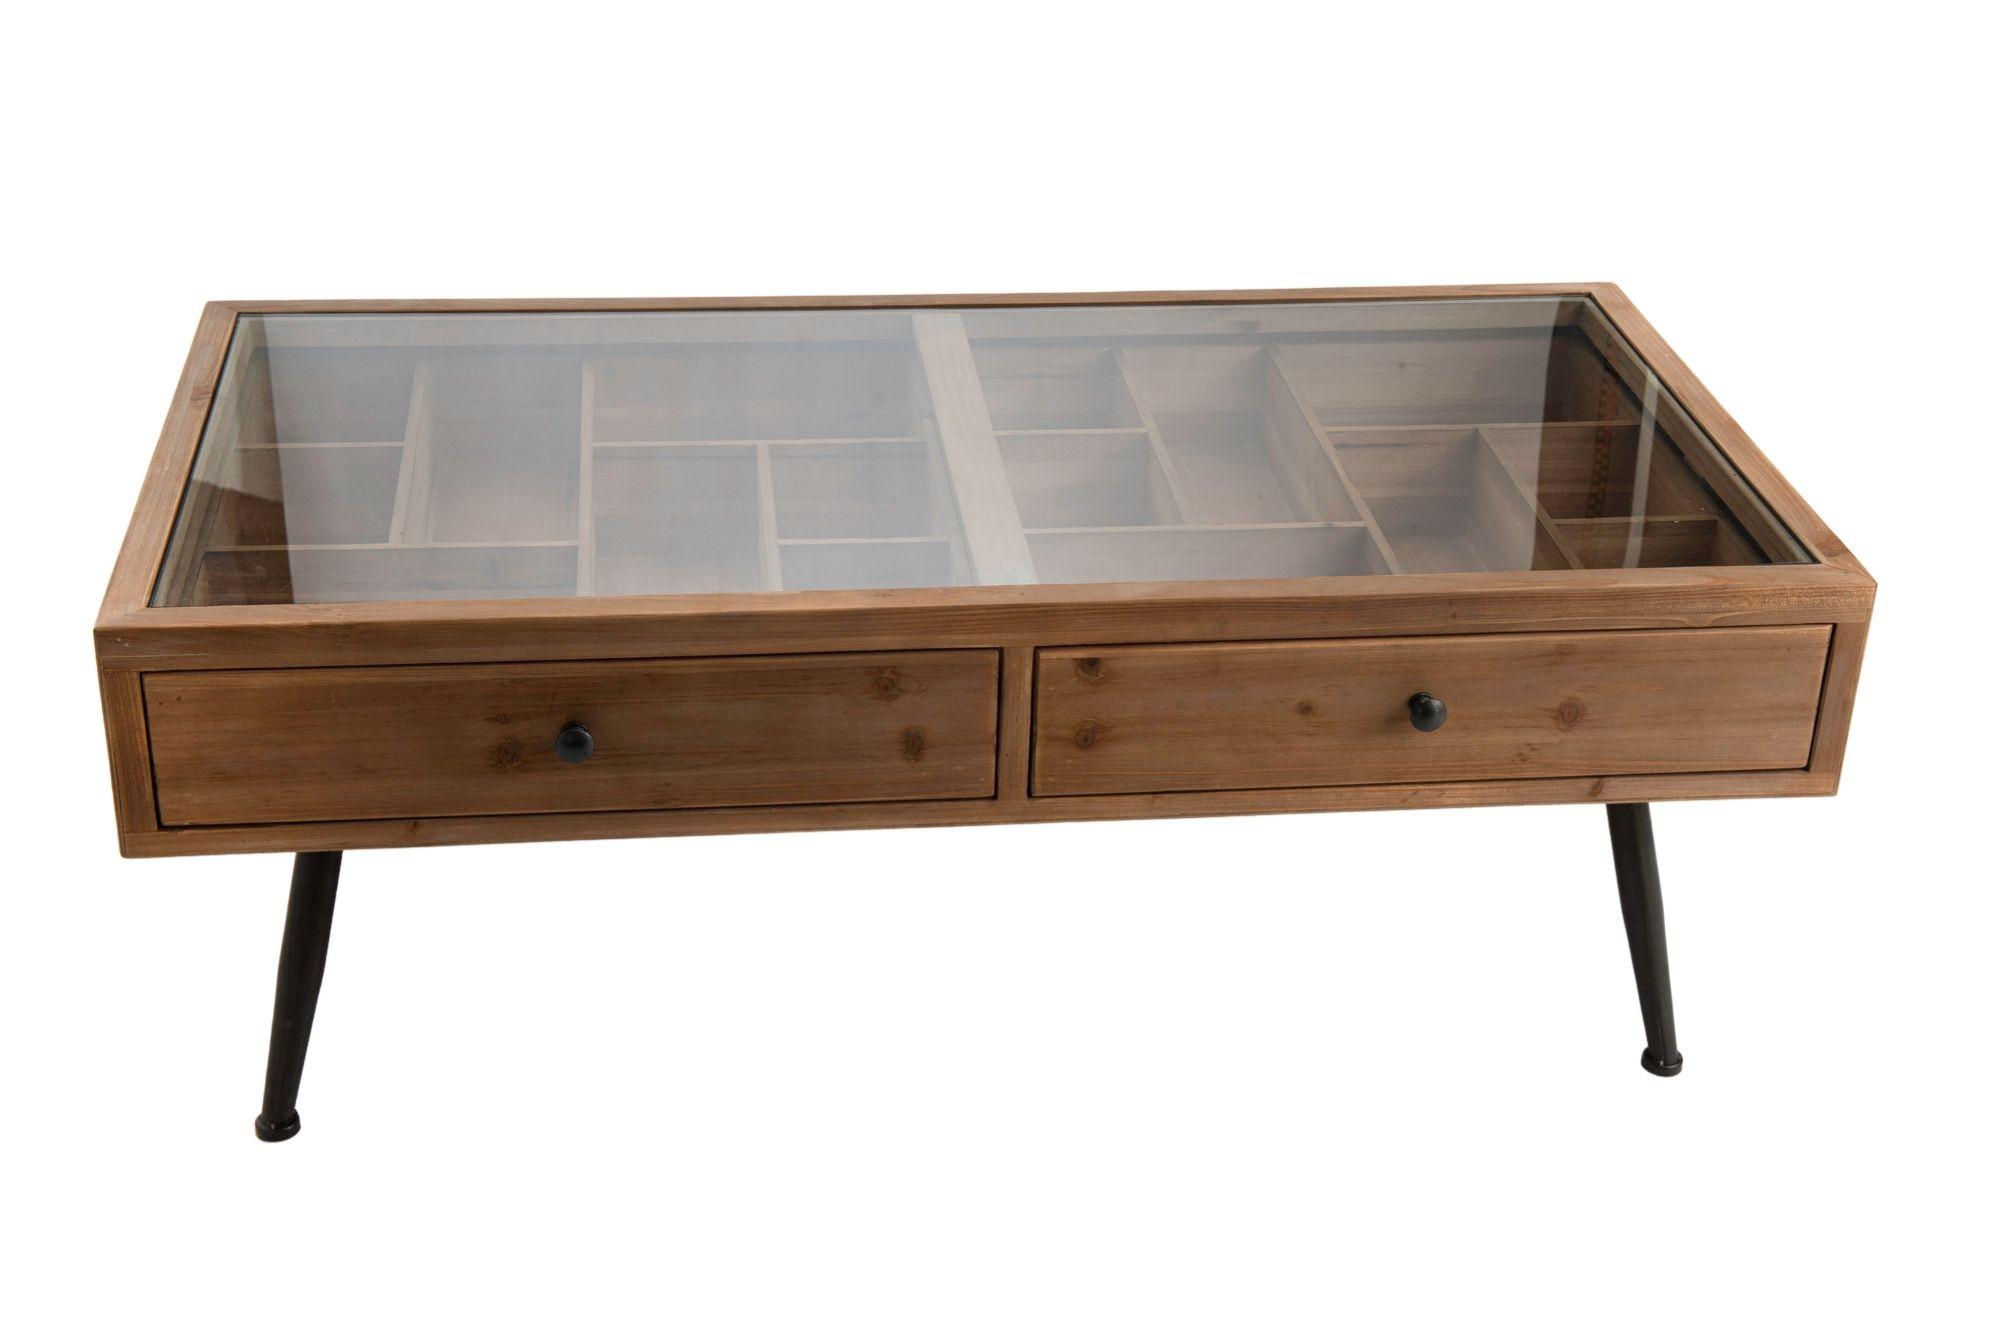 Console en bois et métal, avec plateau en verre et tiroirs compartimentées.